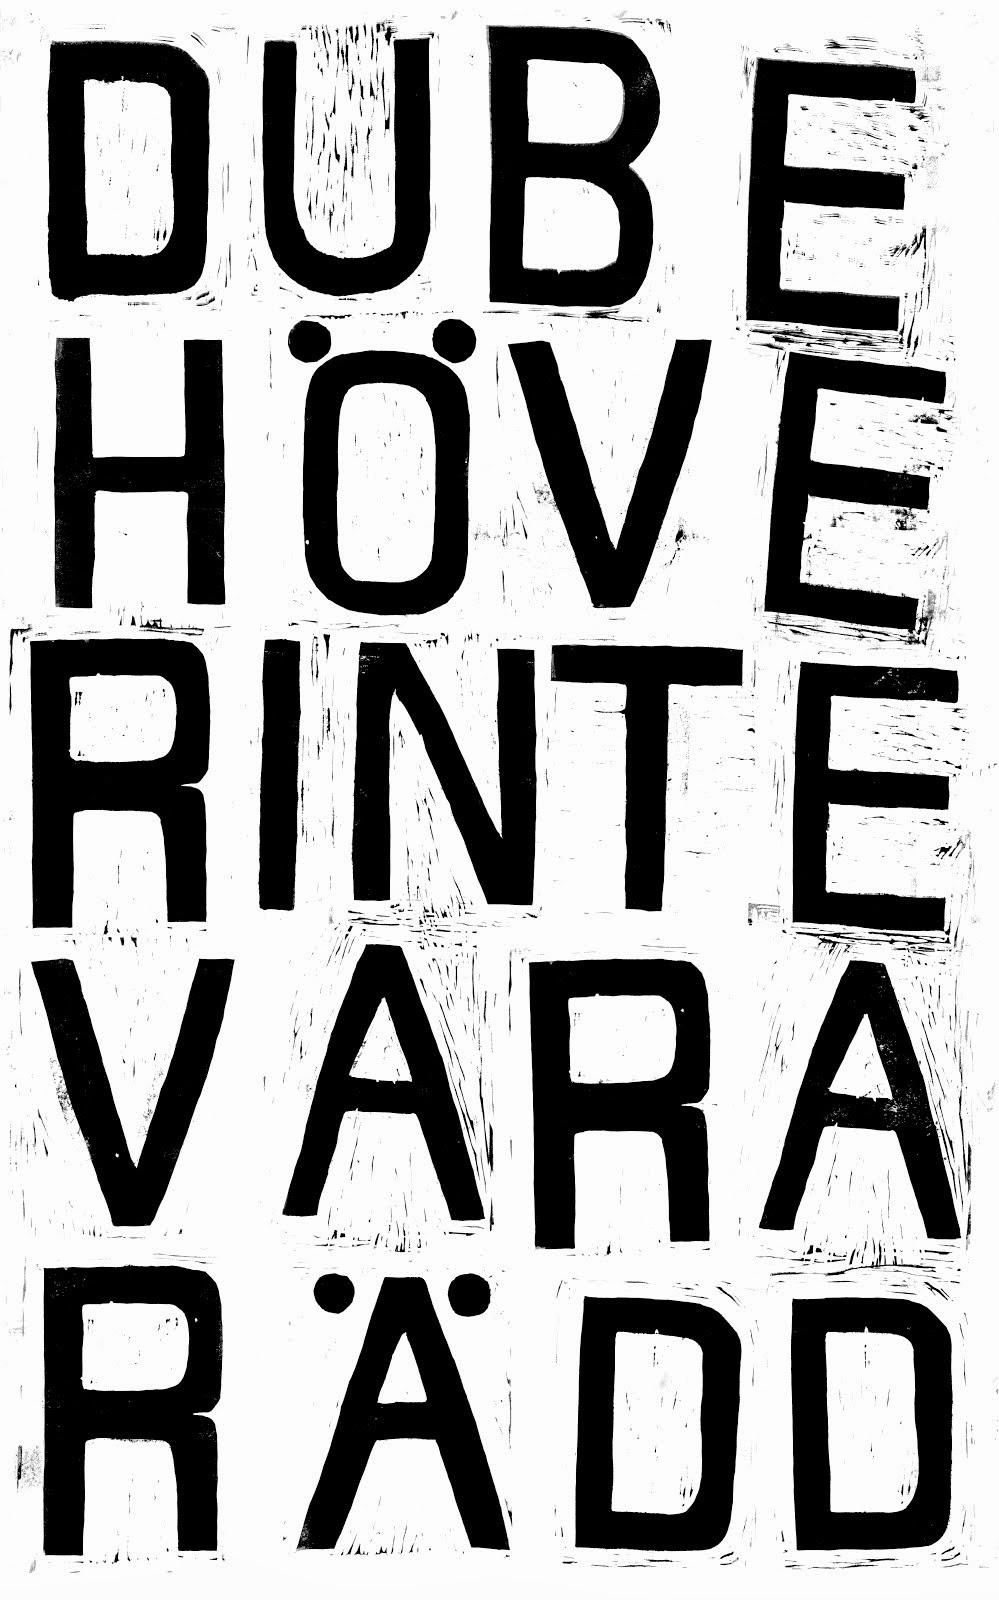 Köp min affisch: